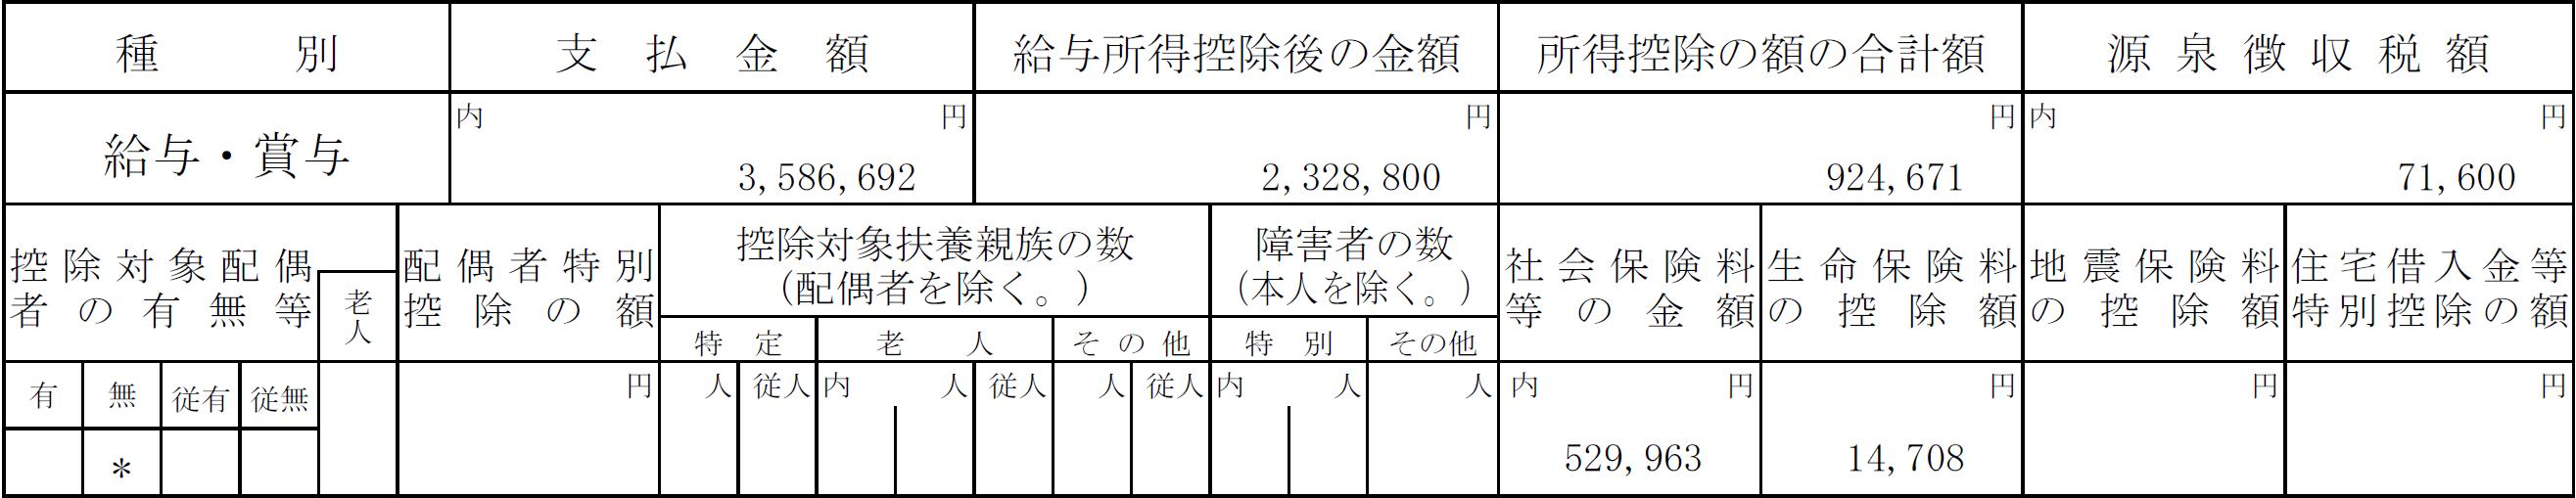 平成25年源泉徴収票(2年目)